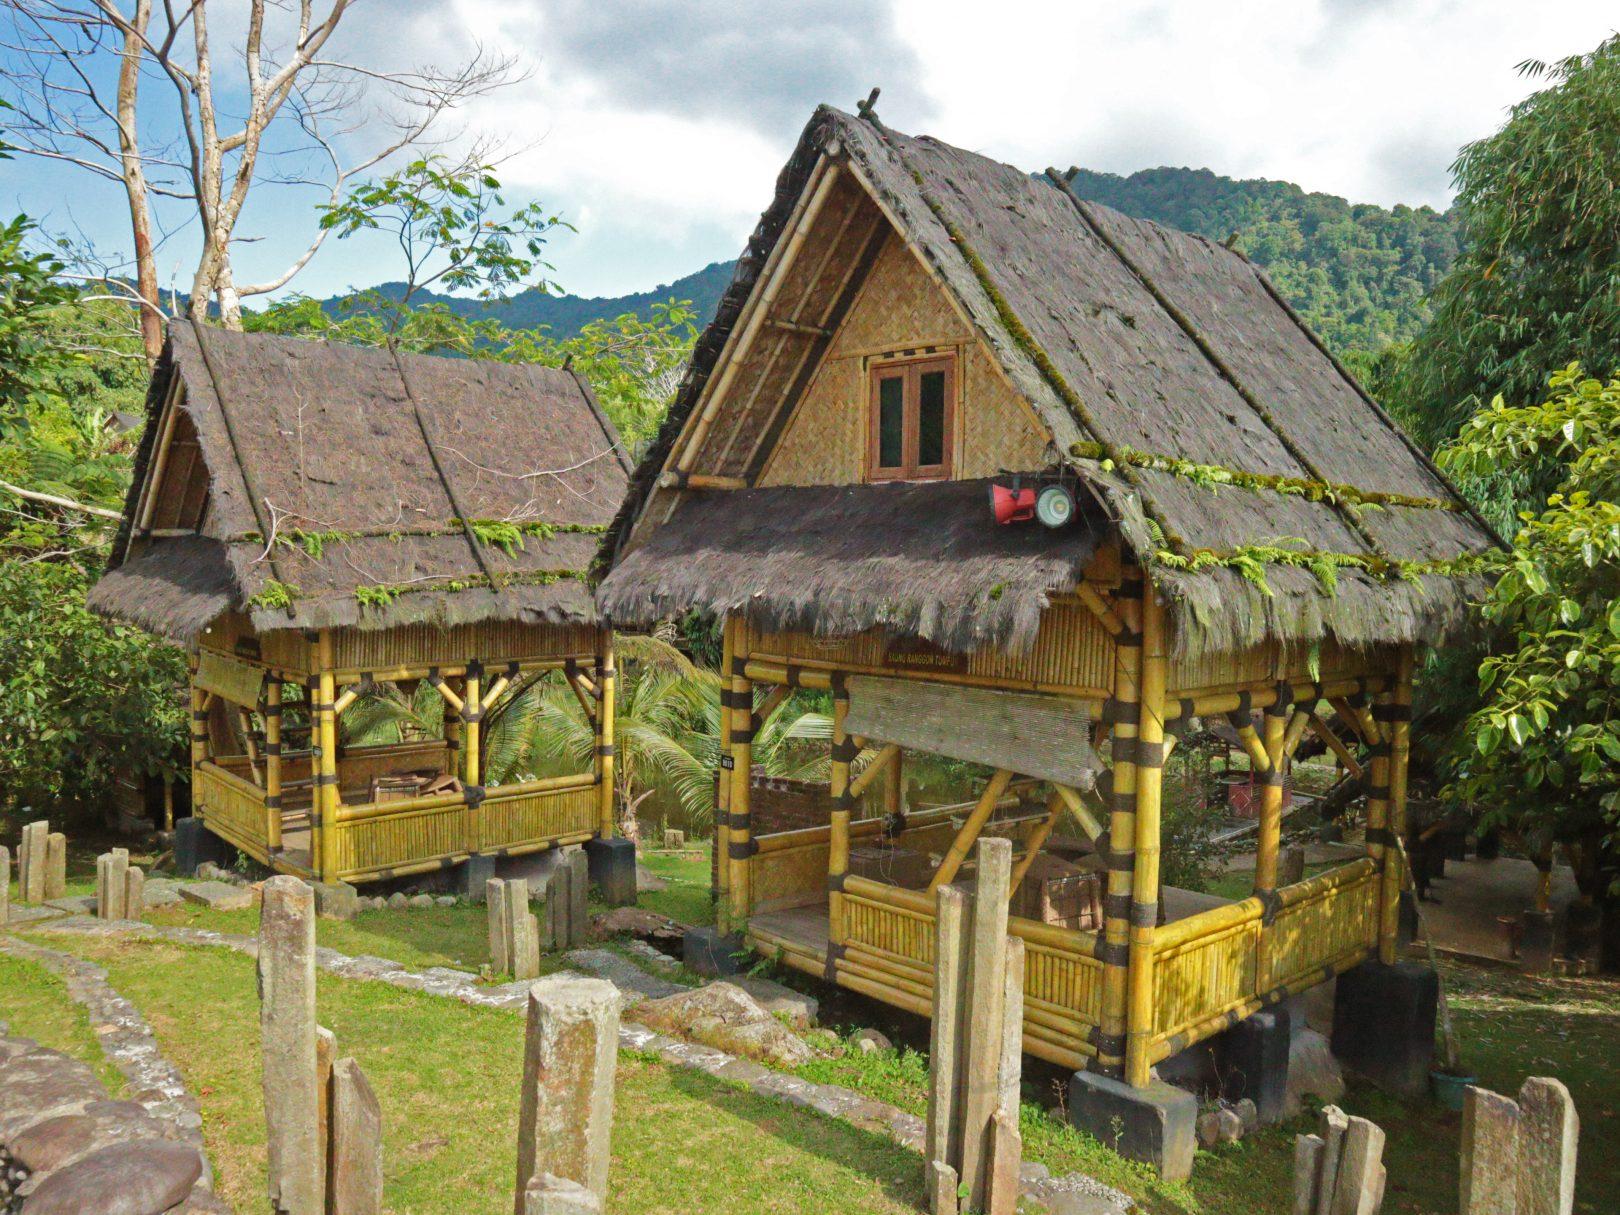 Saung Ranggon Tumpuk